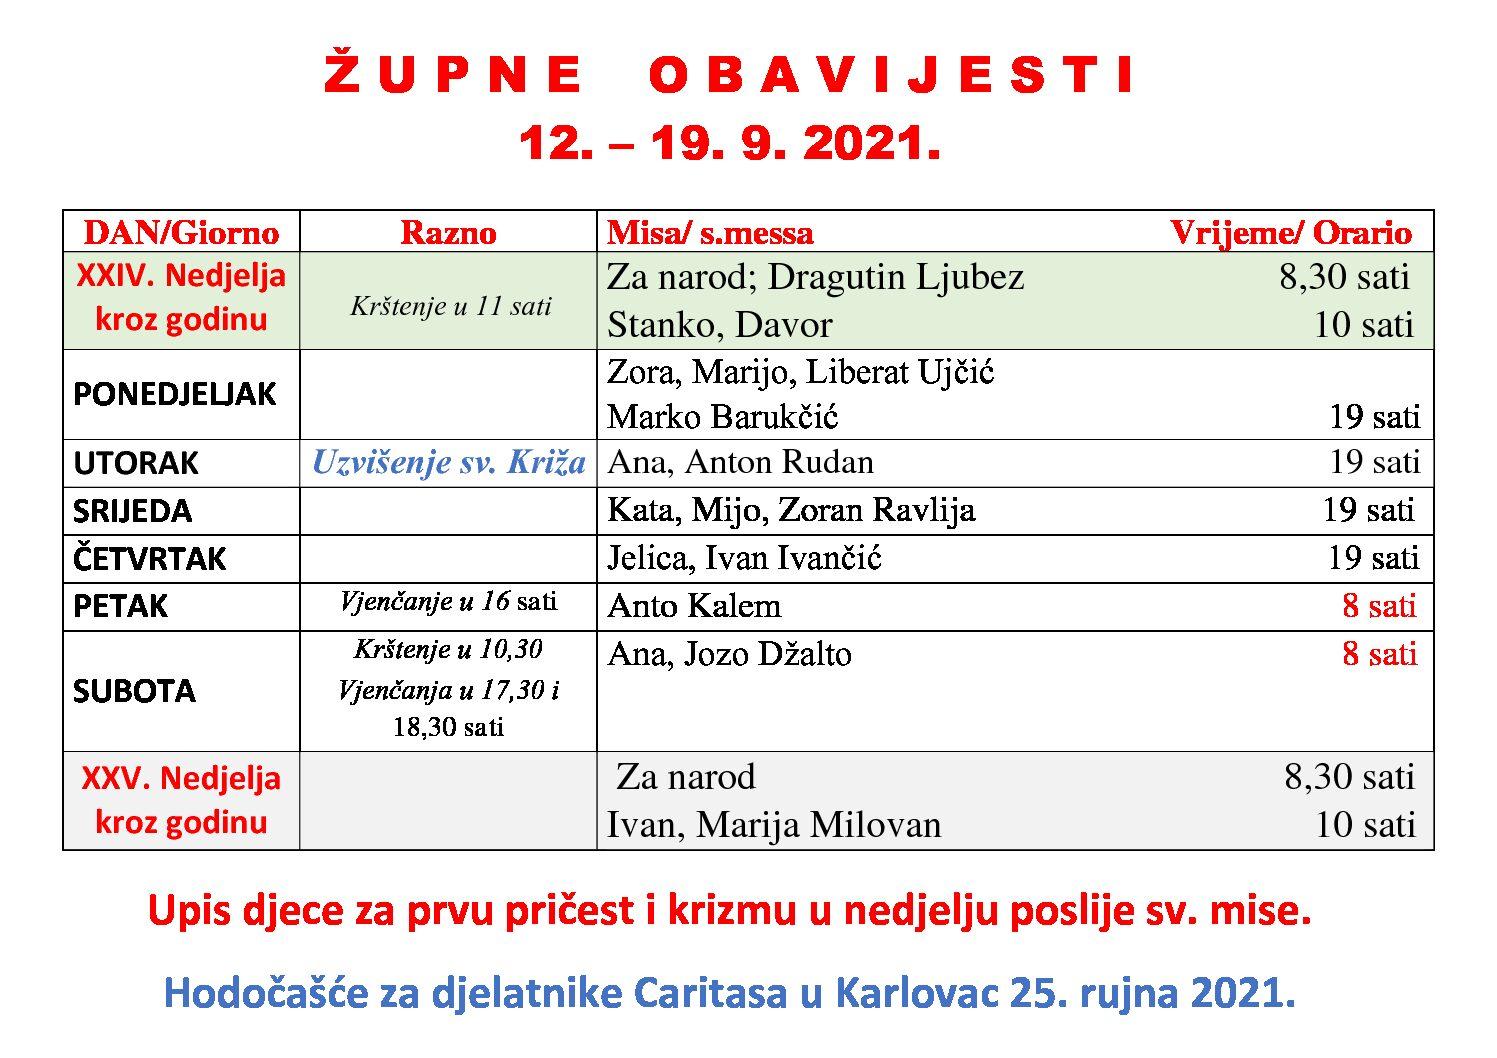 Župne obavijesti 12. – 19. 9. 2021.